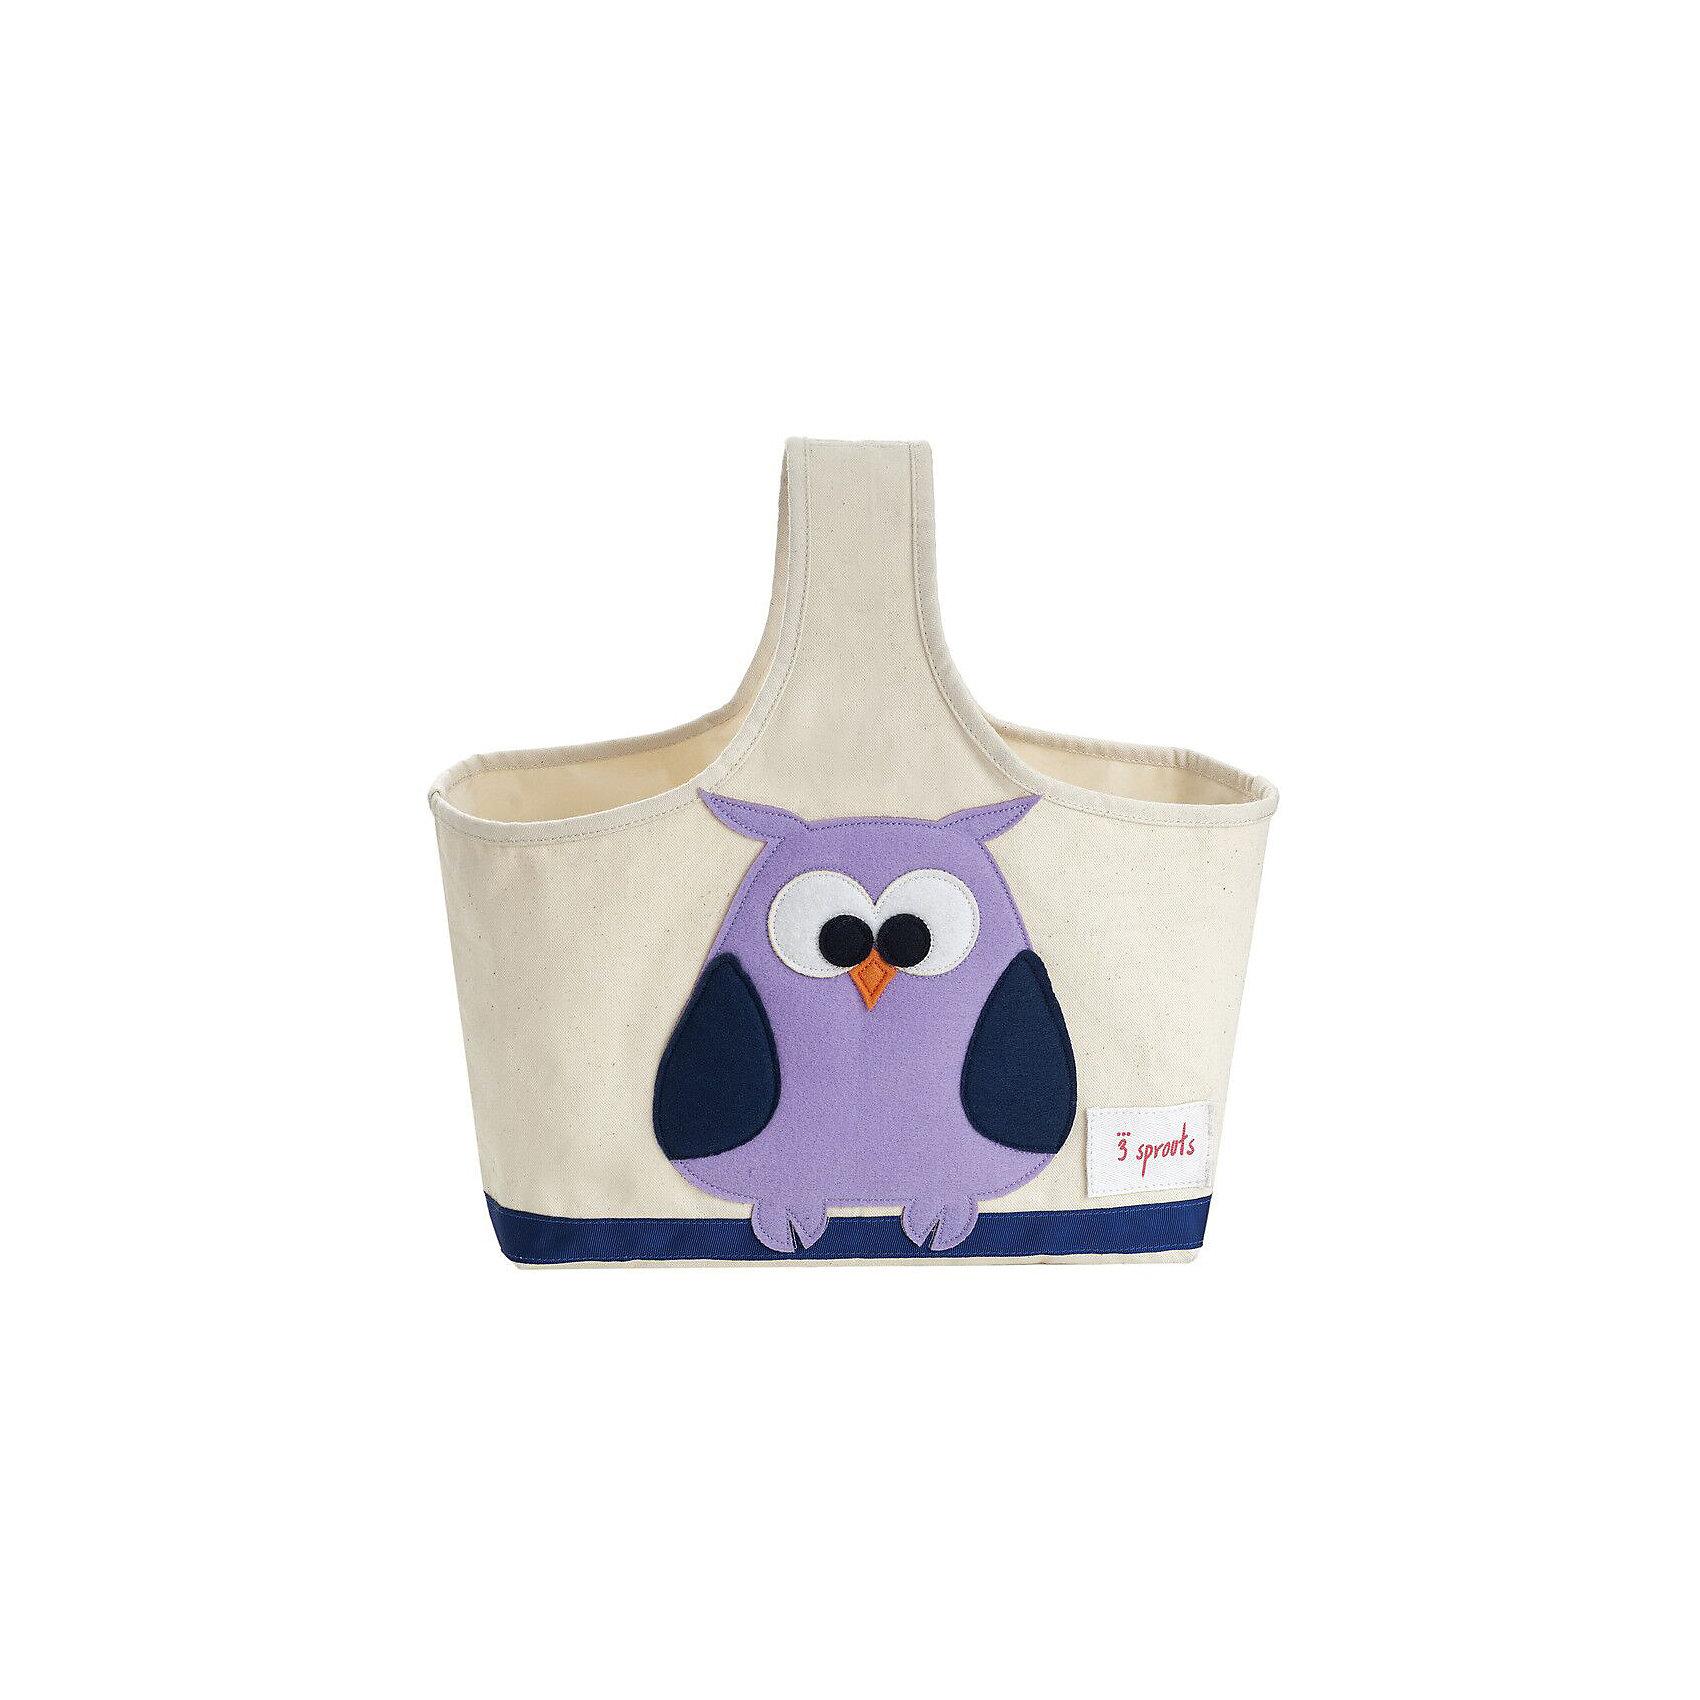 Сумочка для хранения детских принадлежностей Сова (Purple Owl), 3 SproutsПорядок в детской<br>Яркая сумочка - это идеальное решение для хранения детских принадлежностей. Изготовленная из хлопкового брезента и фетра, она является прекрасным контейнером для хранения и переноски любых детских принадлежностей.<br><br>Дополнительная информация:<br><br>- Размер: 38x30x14 см.<br>- Материал: хлопок, фетр, полиэстер.<br>- Орнамент: Сова.<br><br>Купить сумочку для хранения детских принадлежностей Сова (Purple Owl), можно в нашем магазине.<br><br>Ширина мм: 320<br>Глубина мм: 240<br>Высота мм: 20<br>Вес г: 234<br>Возраст от месяцев: 6<br>Возраст до месяцев: 84<br>Пол: Унисекс<br>Возраст: Детский<br>SKU: 5098232